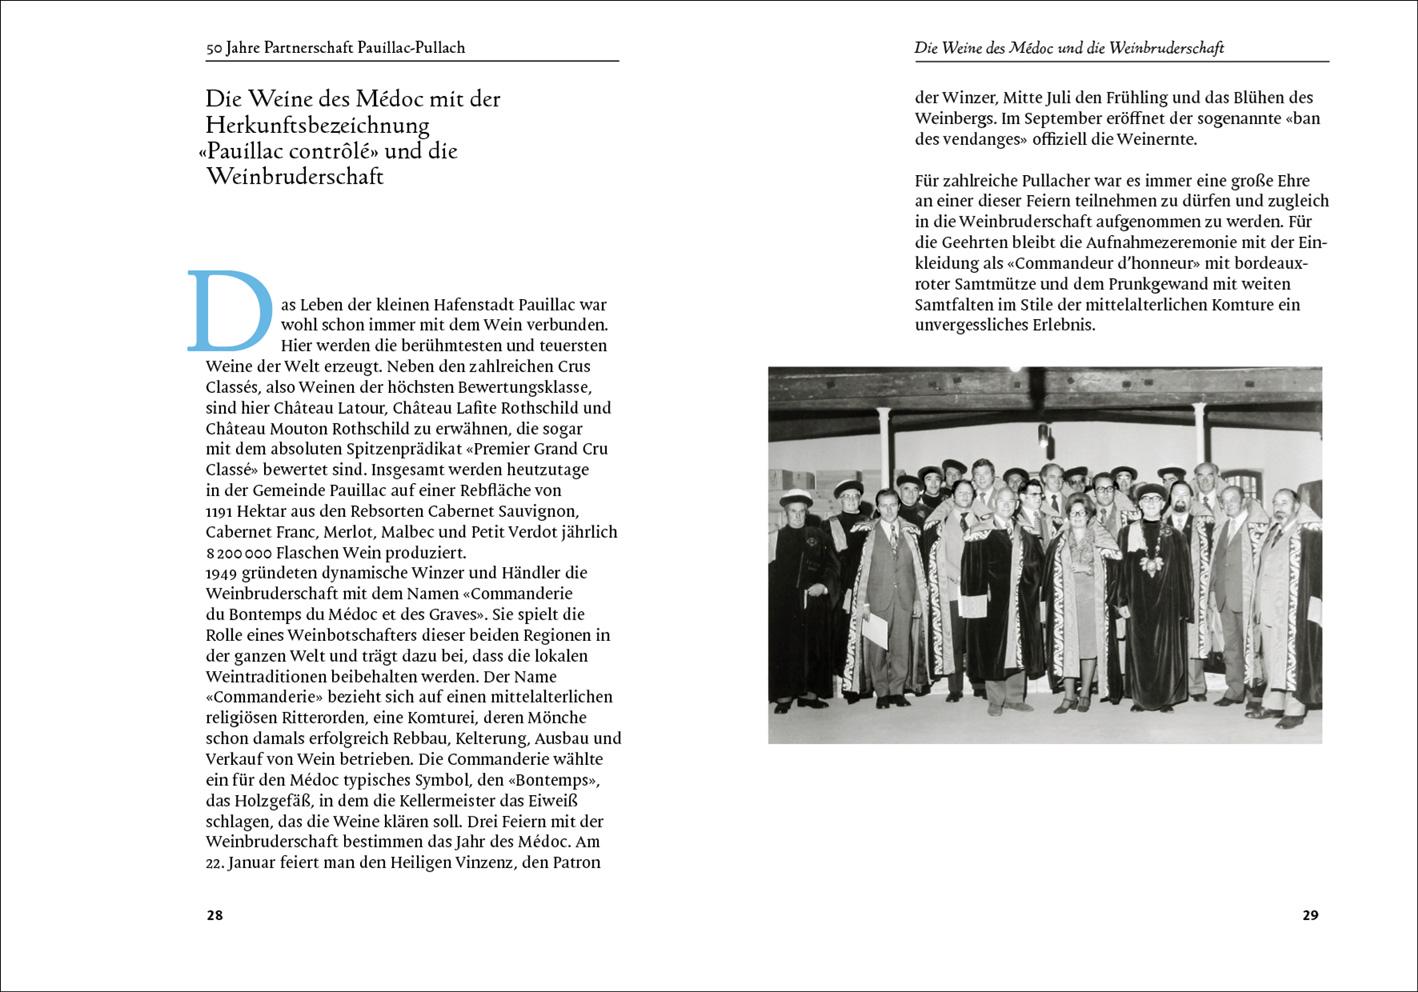 Doppelseite aus der Festschrift für das 50-jährige Jubiläum der Städtepartnerschaft Pauillac-Pullach